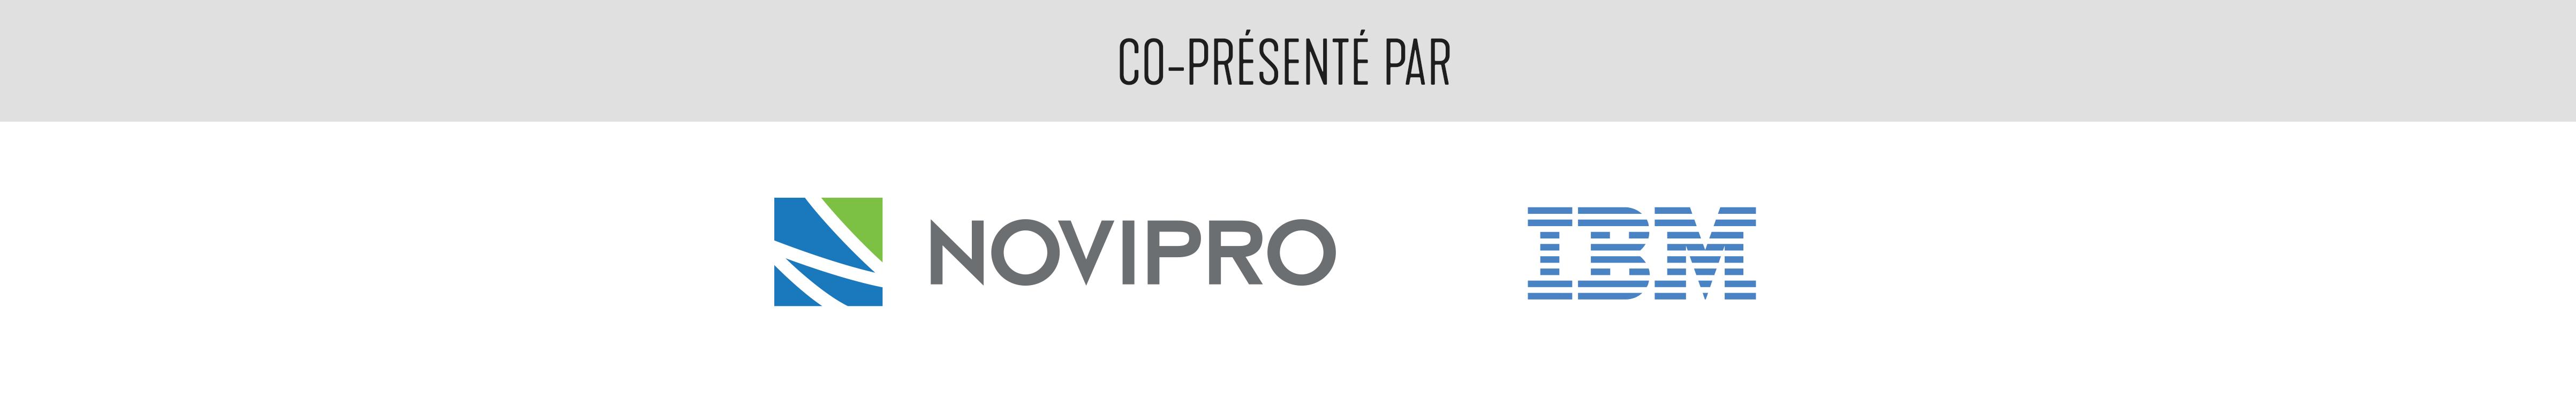 Logos co-presentateur